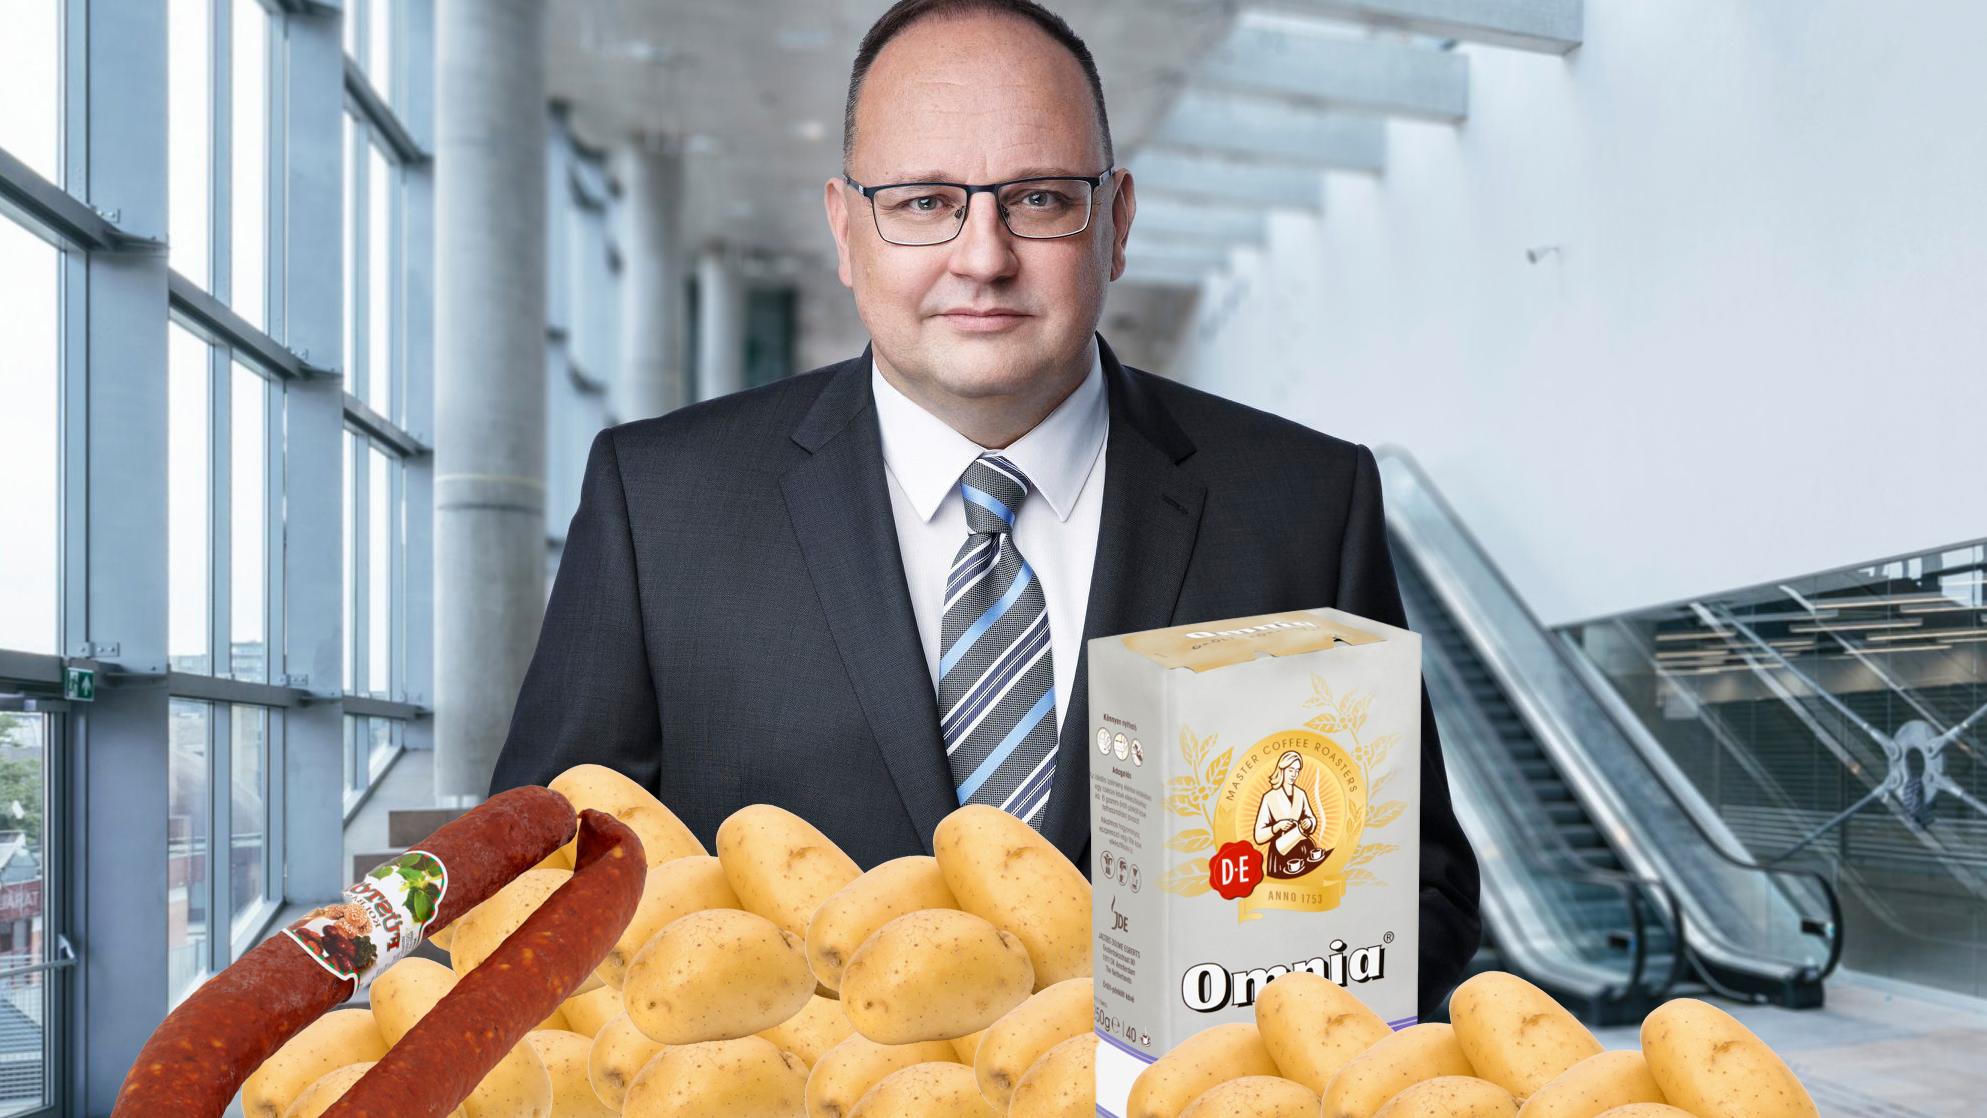 Újpesti nyugdíjascsomag: 10 kiló krumpli, kávé, tea, méz, kolbász